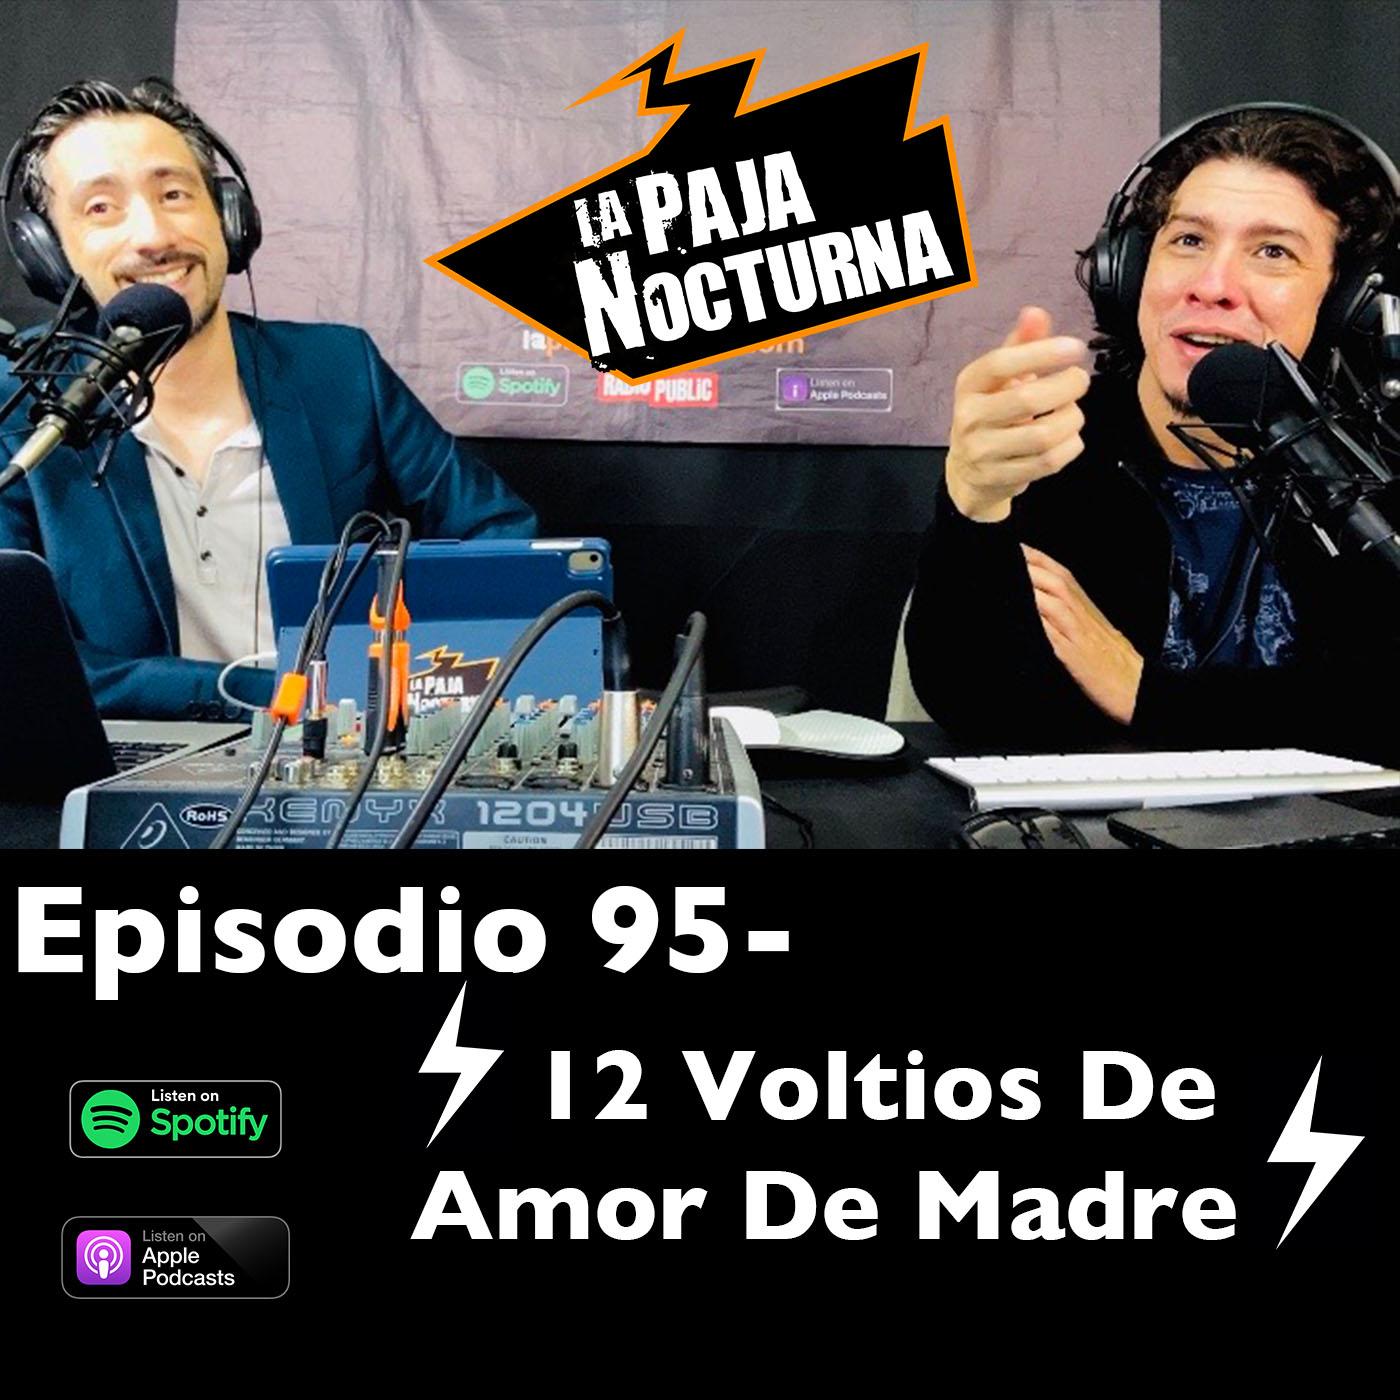 La paja nocturna podcast Episodio 95